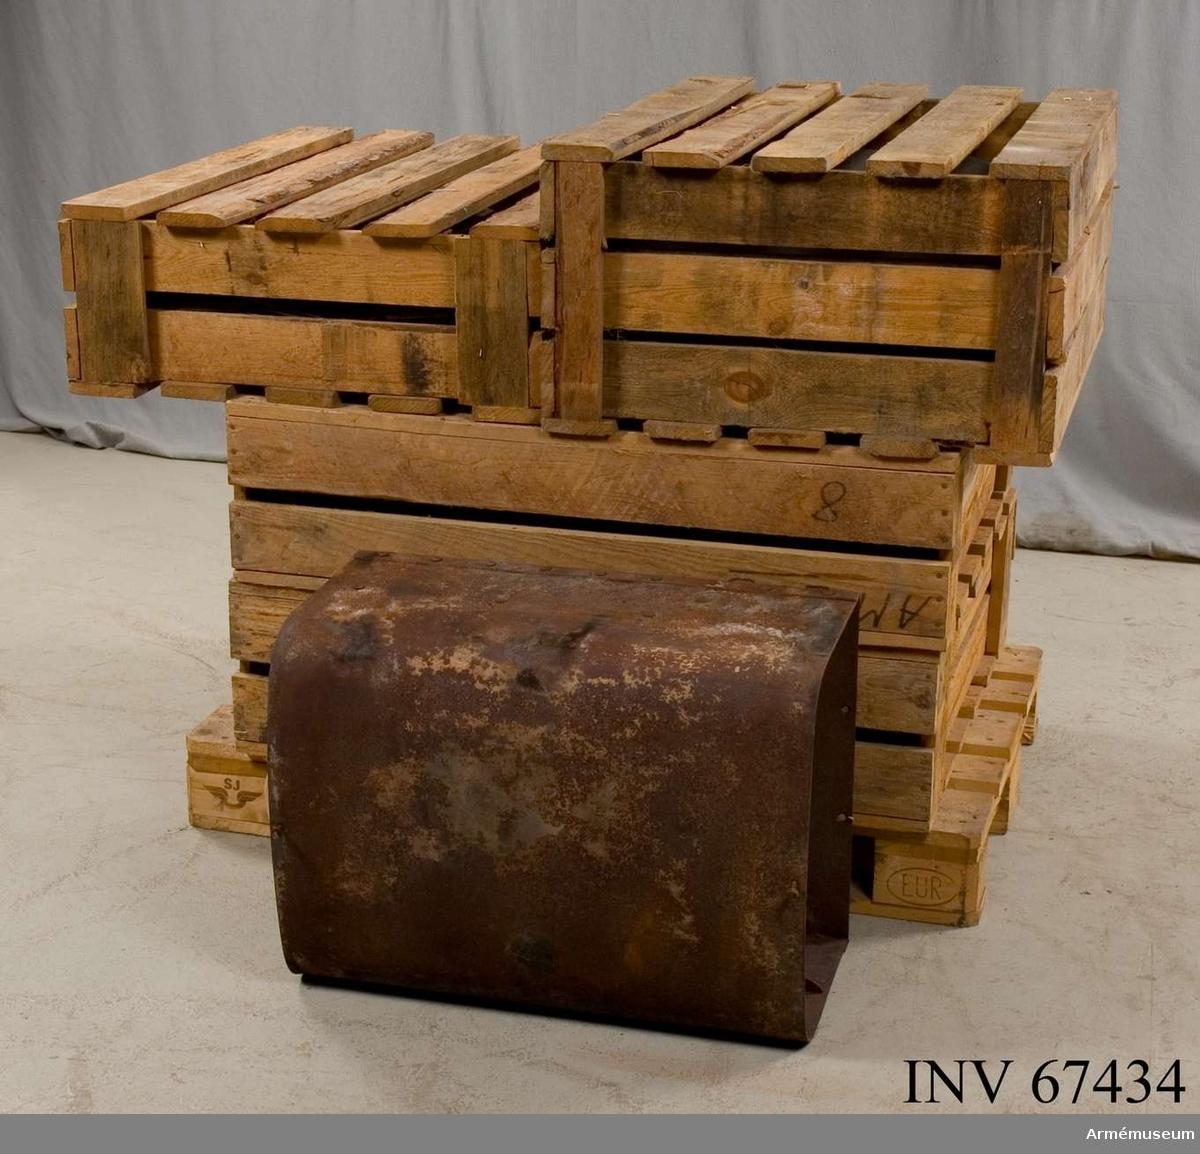 Restaurangspis från officersmässen i Marma läger. Inpackad i tio st trälådor.  Låda nr 1: 2 mellanhällor, 4 överhällor.  Låda nr 2: 2 stekplåtar, 2 överhällar, 10 räckekonsoler, 2 luckramar, 1 asklåda.  Låda nr 3: 2 överhäll, 4 spisringar, 1 asklåda. Låda nr 4: 2 ugnsframstycken, 2 sidostycken.  Låda nr 5: 2 sidostycken, 4 hörn, 2 sidomellanstycken, 2 spjällvred, 2 vred till roster.  Låda nr 6: 1 ugnslåda, 1 golvram. Låda nr 7: 1 ugnslåda, 1 golvram.  Låda nr 8: 1 bakstycke, 1 underplåt, 2 eldstadssidostycken, 1 eldstadsunderdel med roster, 2 askugnsplåtar (botten), 1 spisfront, 1 luckhandtag, 1 spjällaxel med kugghjul.  Låda nr 9: 2 eldstadssidor, 1 eldstadsbotten med roster, 2 askugnsbottnar, 1 spisbaksida, 1 bottenplåt, 1 spjällaxel med drev, 1 spiskrok, 1 spisraka, 1 spisfront, 1 luckhandtag.  Låda nr 10: ram till överhäll.